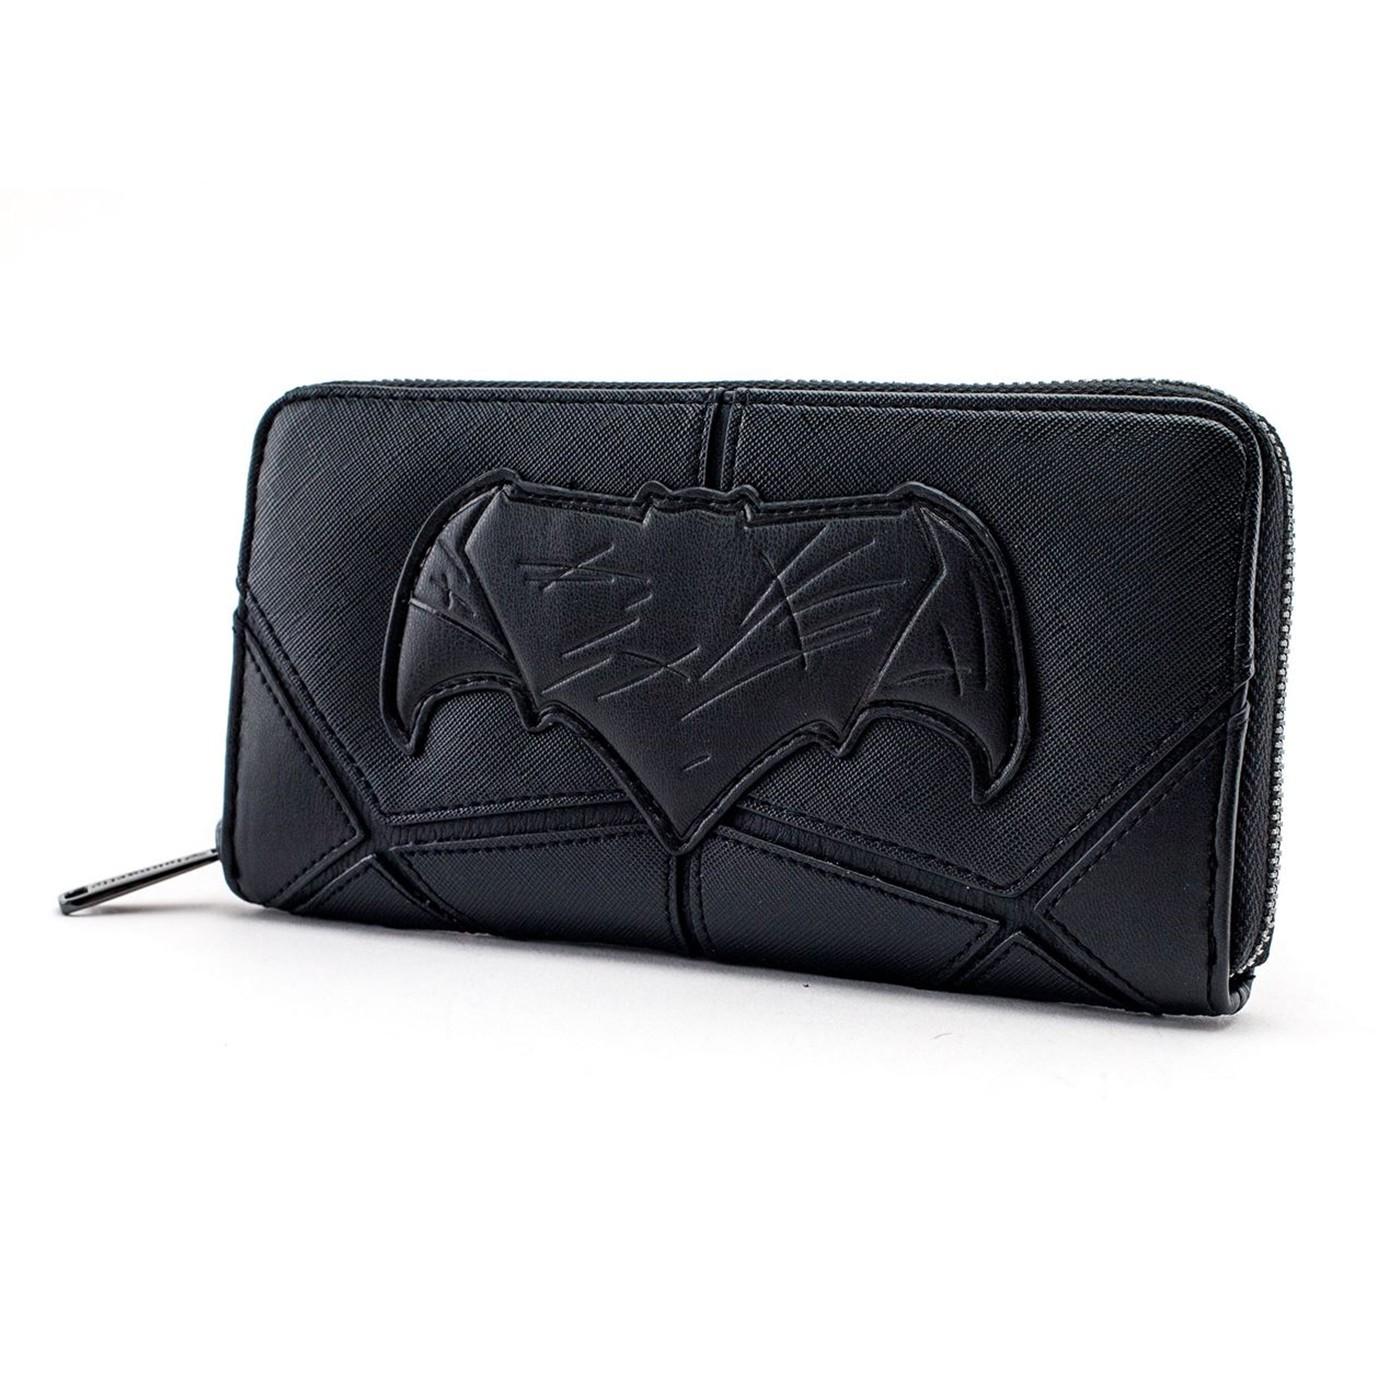 Batman Justice League Armor Zip Around Wallet